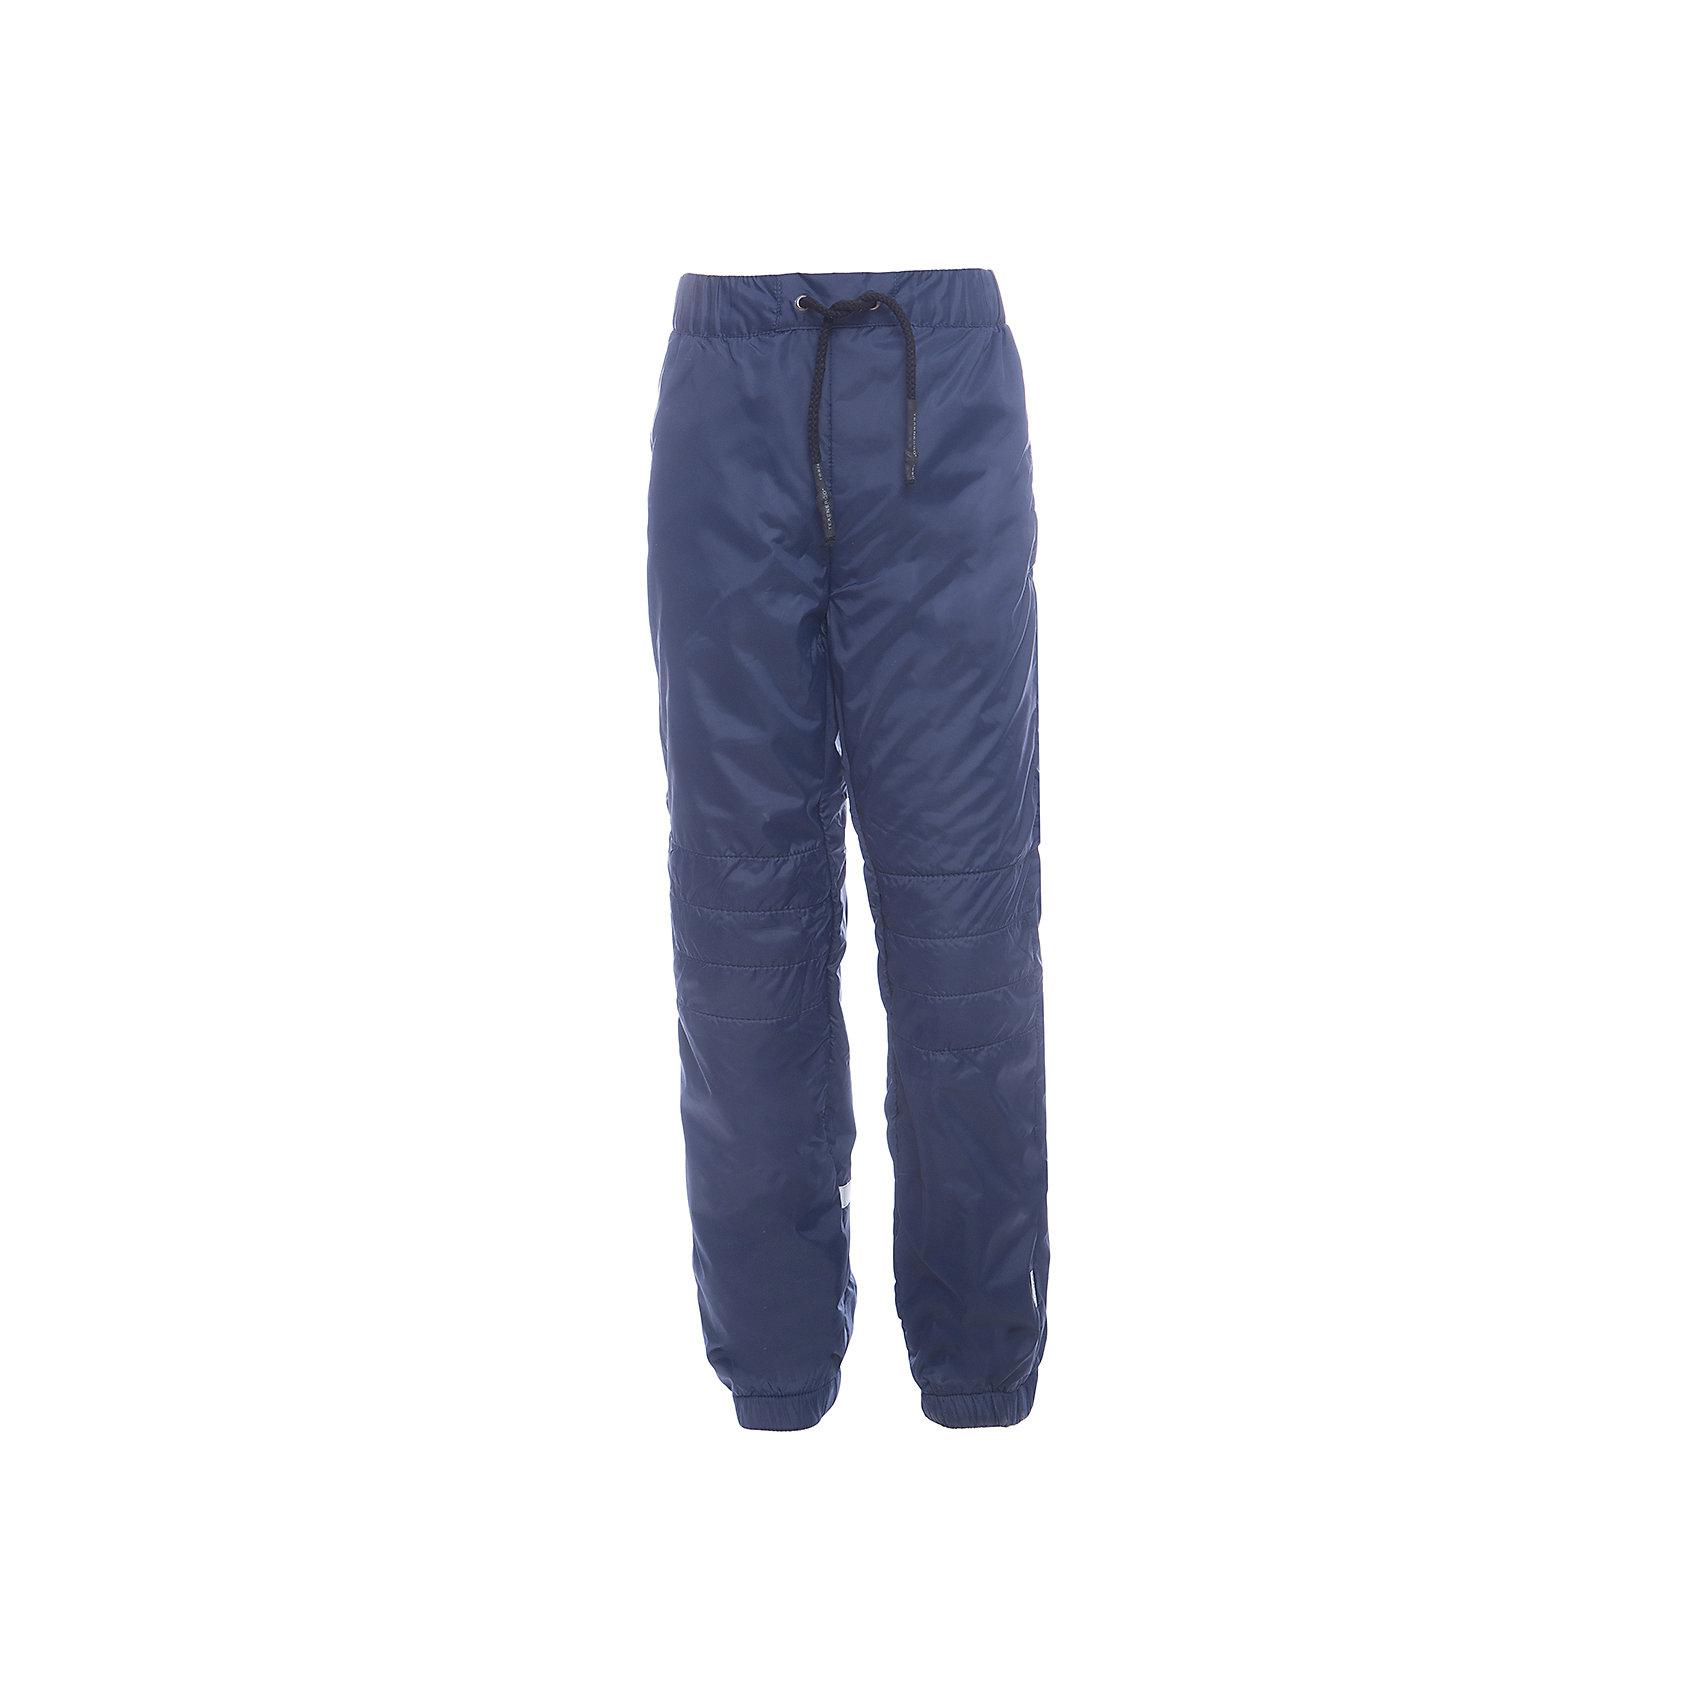 Брюки BOOM by Orby для мальчикаВерхняя одежда<br>Характеристики товара:<br><br>• цвет: синий<br>• ткань верха: Таффета pu milky<br>• подкладка: Флис<br>• без утеплителя<br>• сезон: демисезон<br>• температурный режим: от +5° до +15°С<br>• особенности одежды: на резинке<br>• тип брюк: с флисовой подкладкой<br>• пояс: резинка<br>• карманы: втачные<br>• страна бренда: Россия<br>• страна изготовитель: Россия<br><br>Эти синие брюки для мальчика созданы для переменной погоды межсезонья. Демисезонные брюки на флисовой подкладке отлично подходят для ношения в прохладные или дождливые дни. <br><br>Брюки BOOM by Orby для мальчика можно купить в нашем интернет-магазине.<br><br>Ширина мм: 215<br>Глубина мм: 88<br>Высота мм: 191<br>Вес г: 336<br>Цвет: синий<br>Возраст от месяцев: 84<br>Возраст до месяцев: 96<br>Пол: Мужской<br>Возраст: Детский<br>Размер: 146,152,158,164,170,86,92,104,110,98,116,122,128,134,140<br>SKU: 7007564